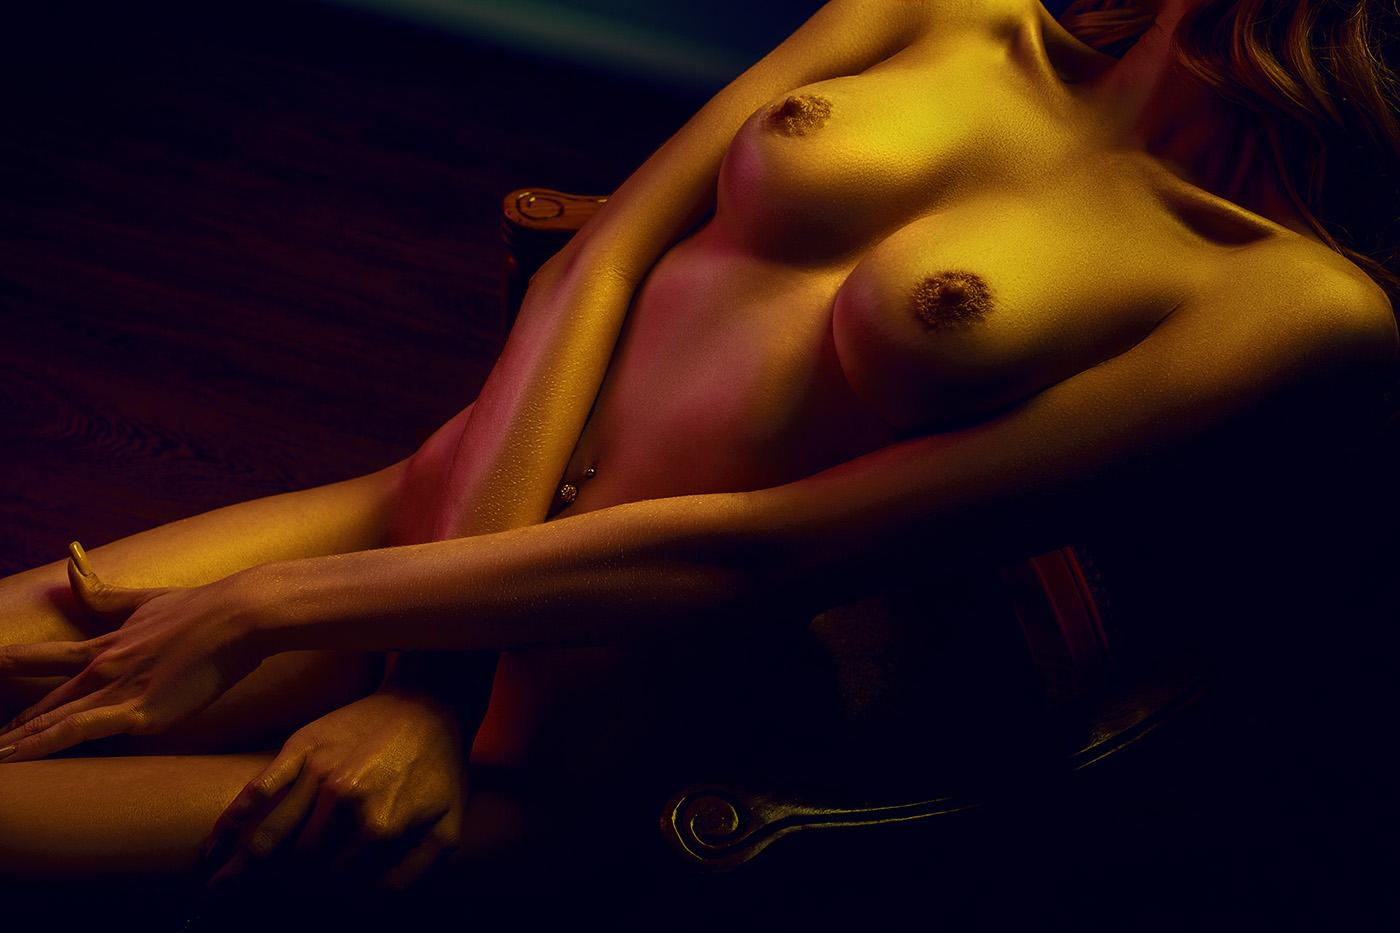 Золотая натура - Макс Микроб / Naughty Gold by Max Microb